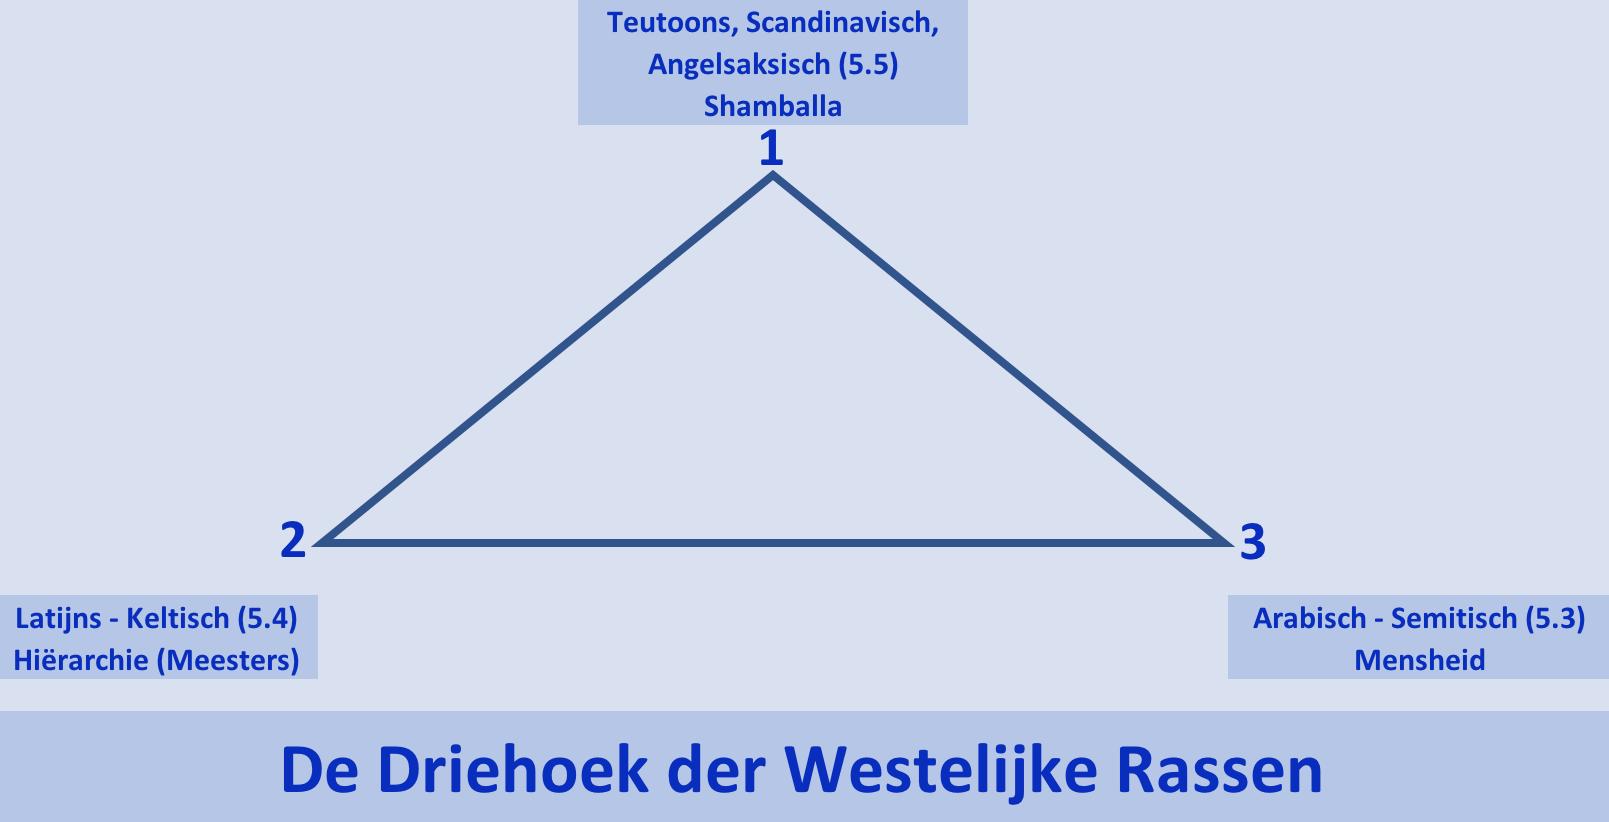 Driehoek der westelijke rassen